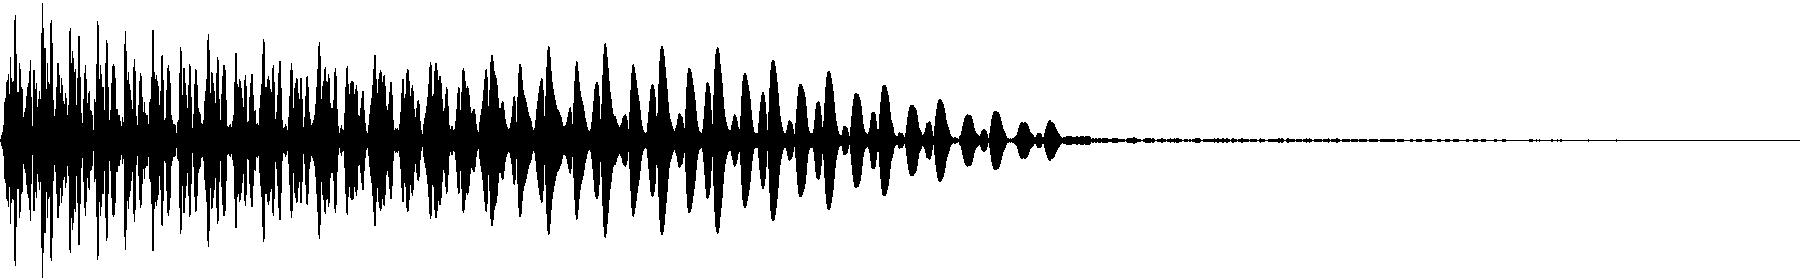 vedh bass cut 058 b